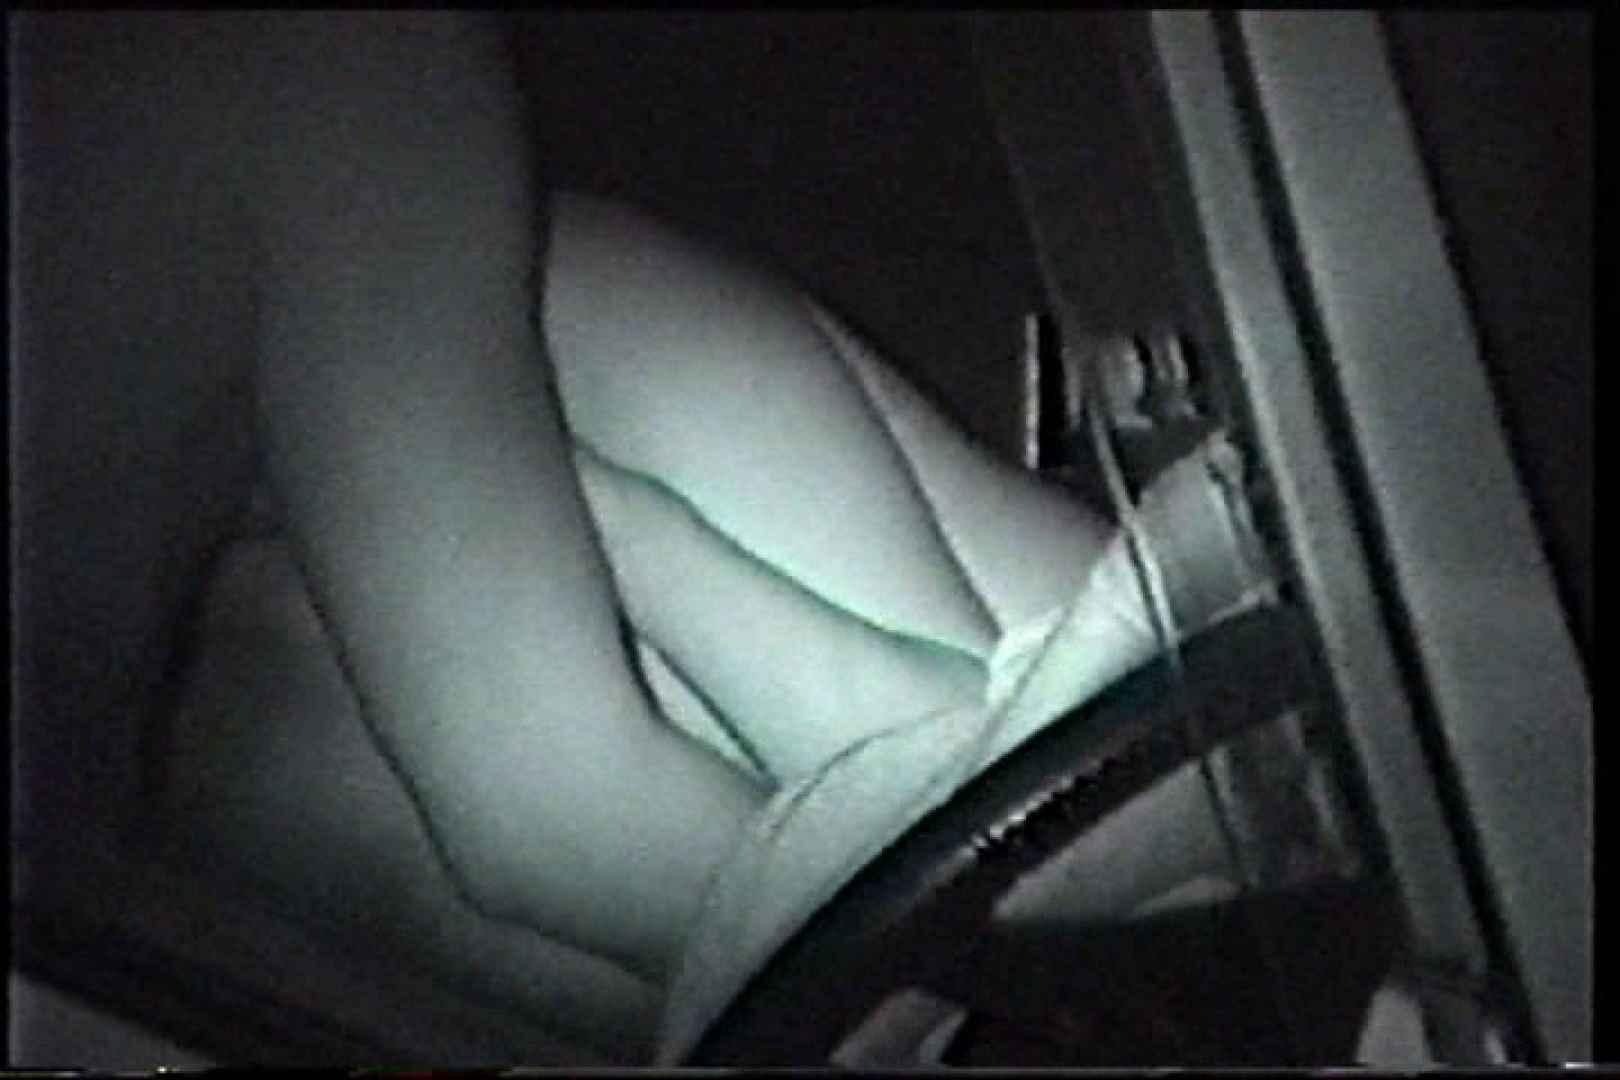 充血監督の深夜の運動会Vol.215 おっぱい 盗撮画像 100画像 35